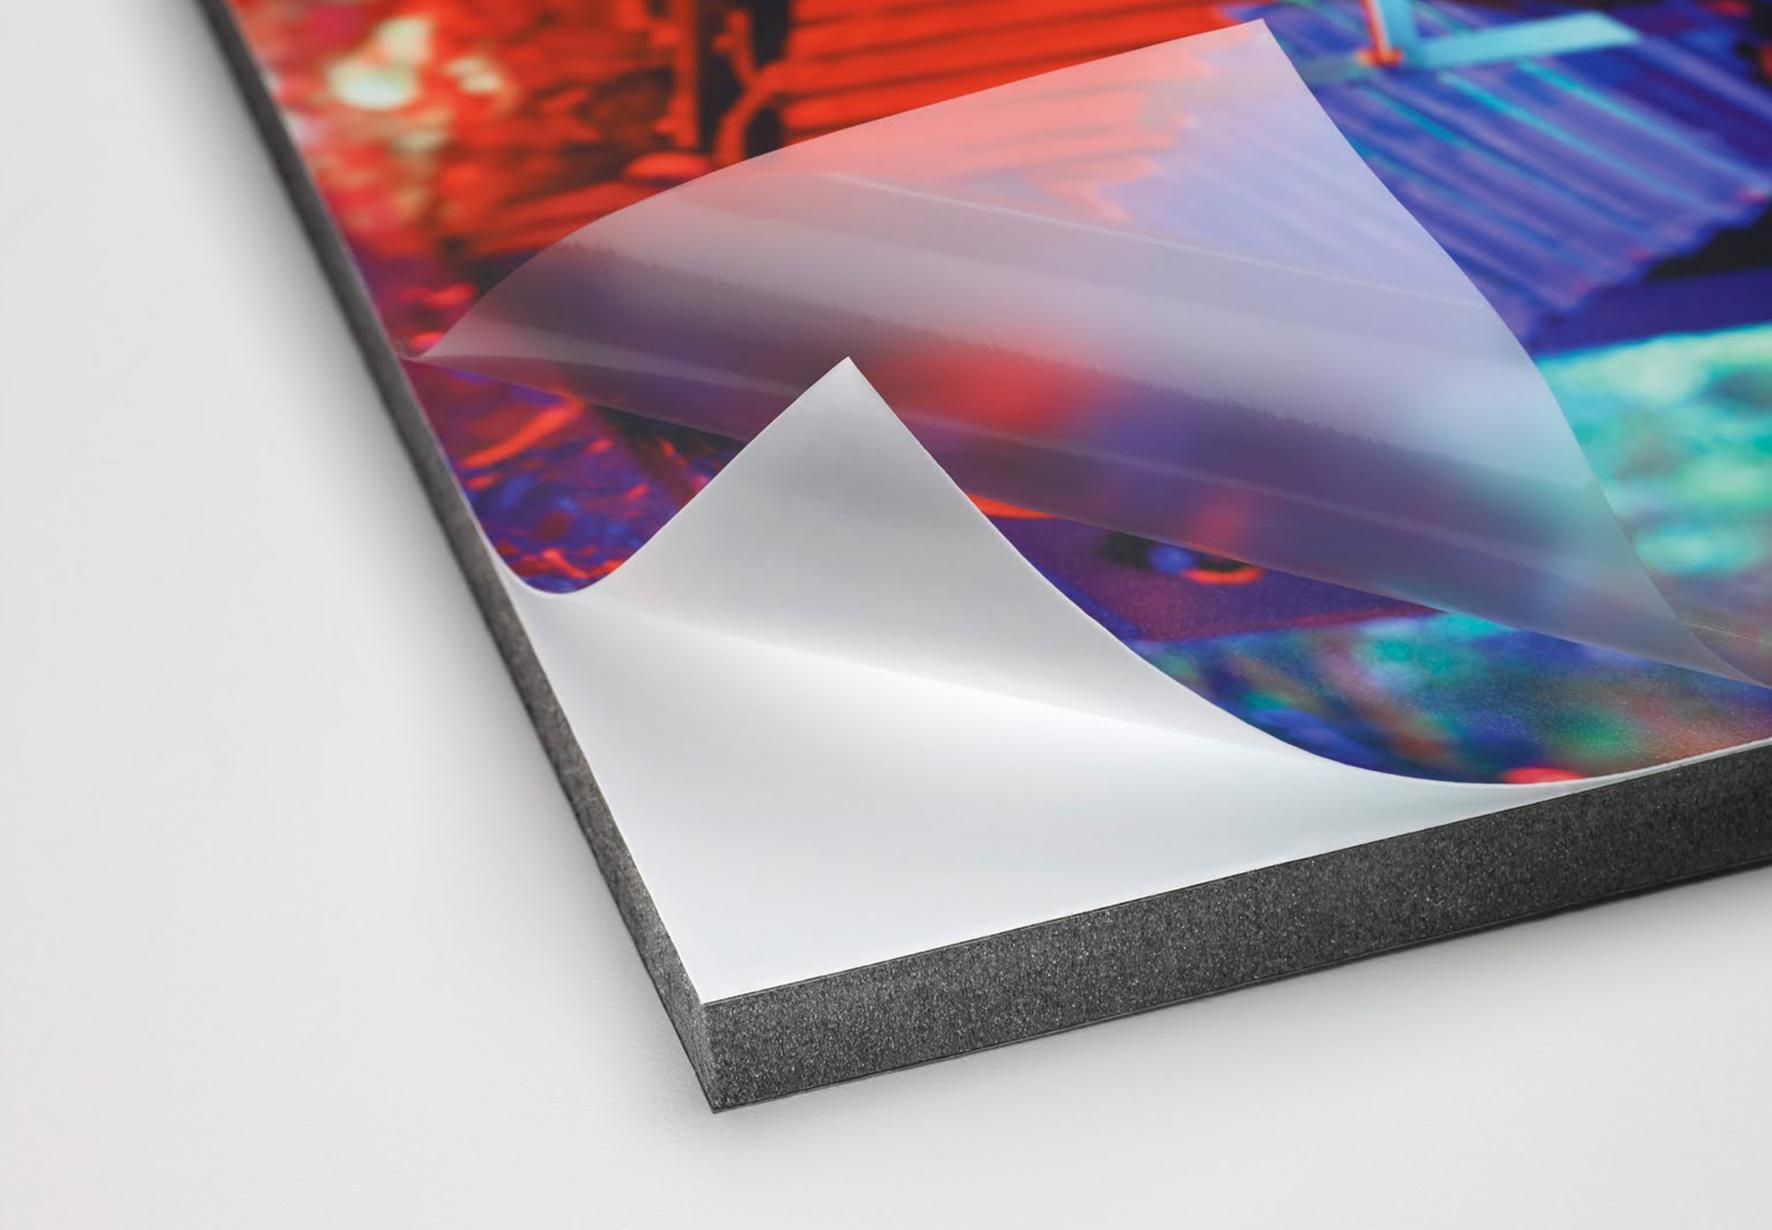 Ламинация фото на магнитном виниле